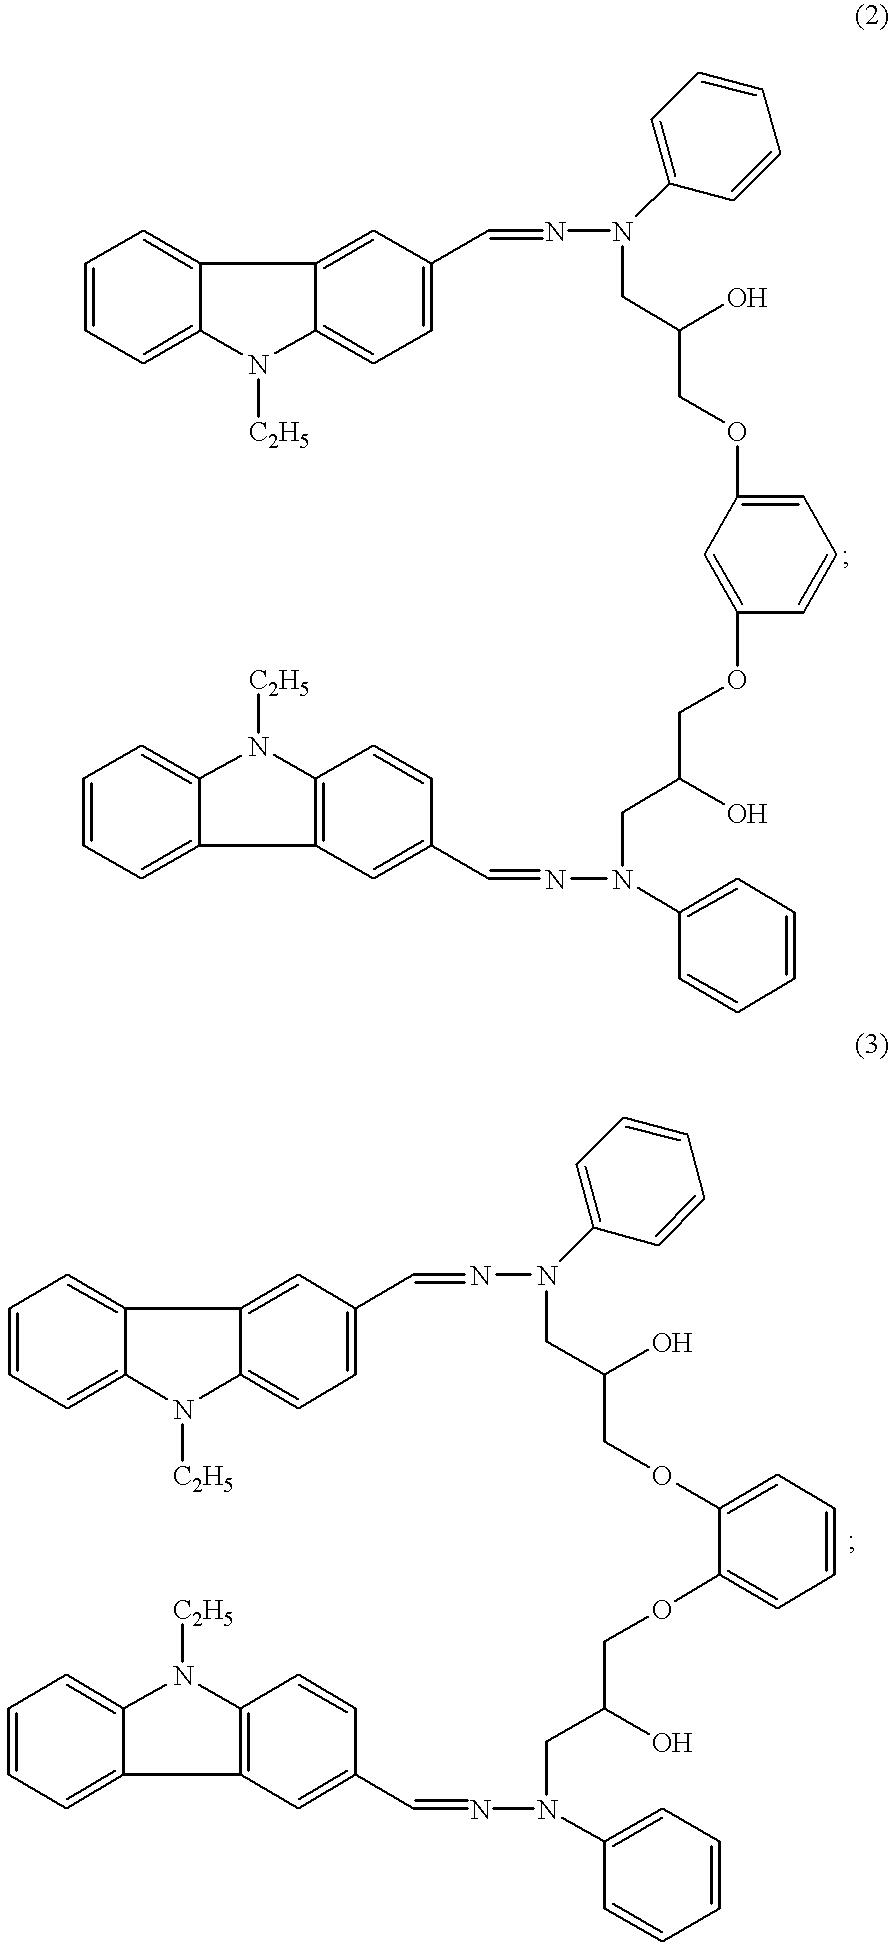 Figure US06214503-20010410-C00007